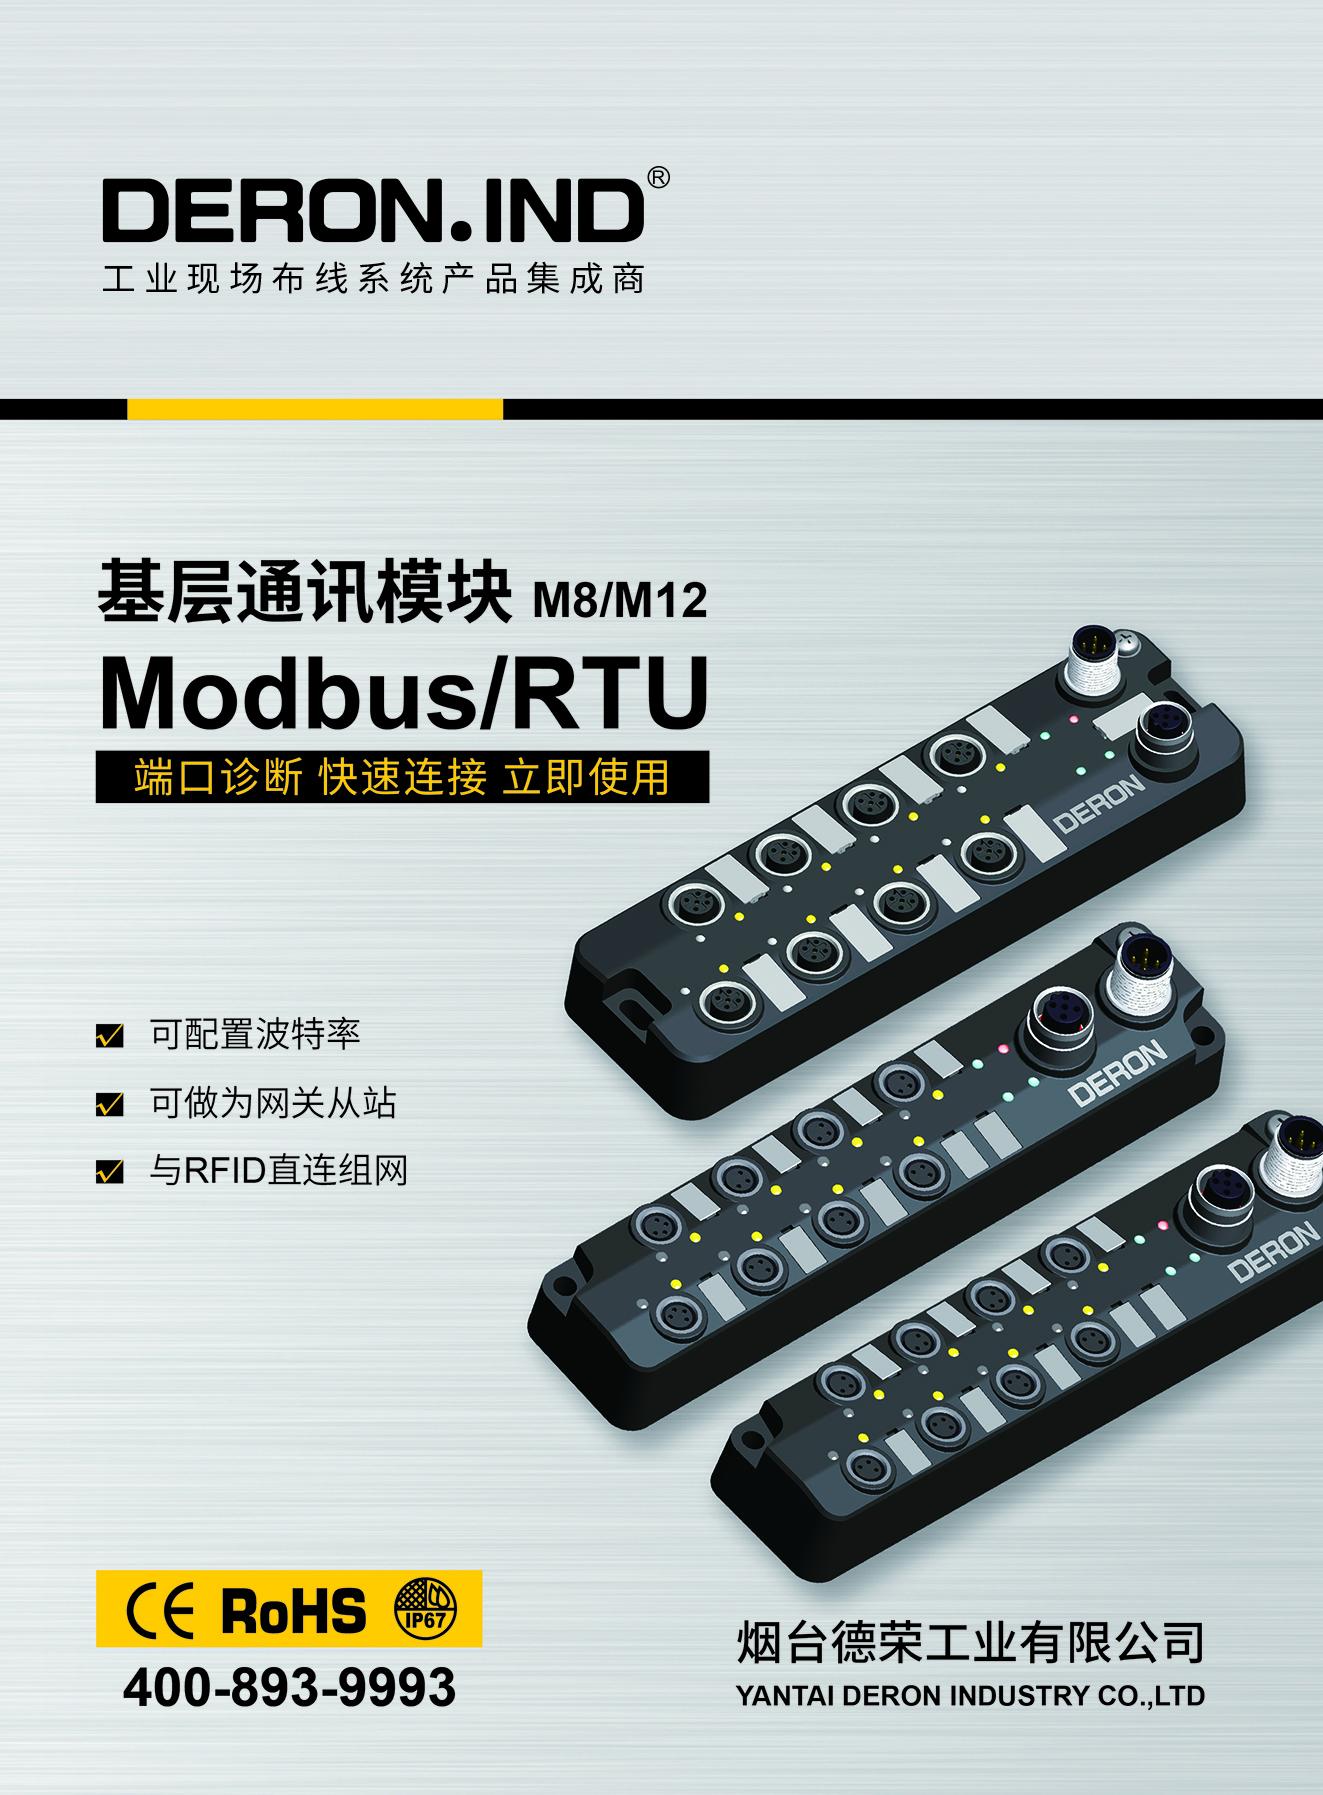 基层通讯模块Modbus/RTU的应用